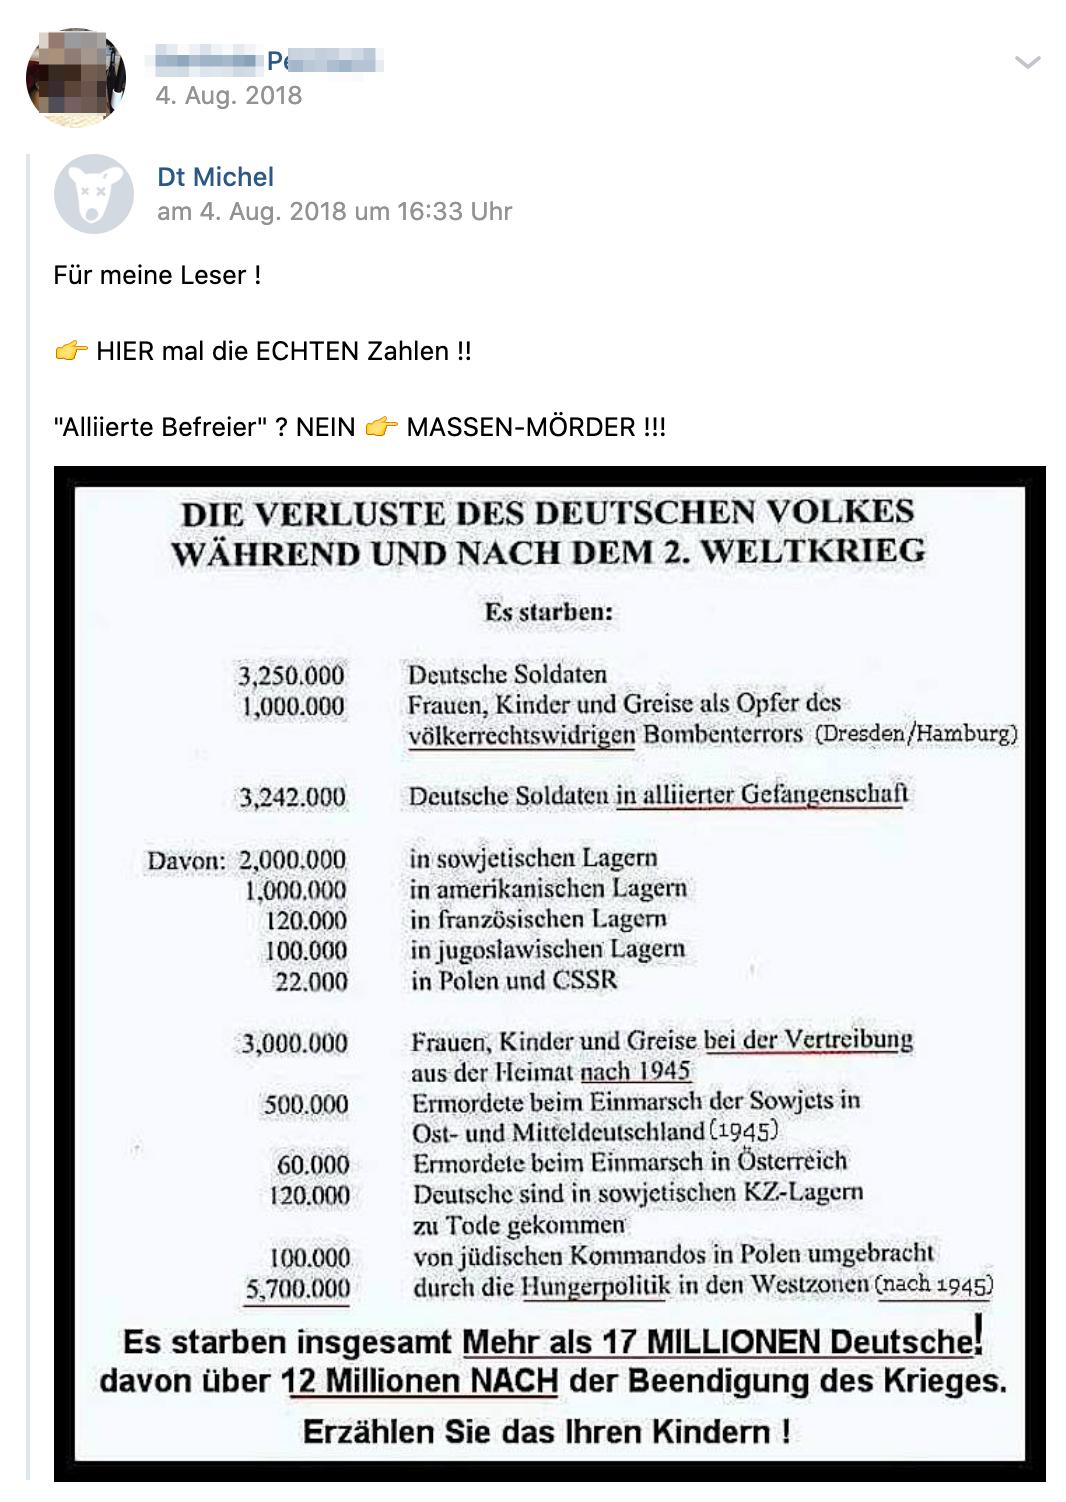 """P. teilt erfundene Zahlen zu den """"Verlusten des Deutschen Volkes während und nach dem 2. Weltkrieg"""" (Screenshot vk.com)"""